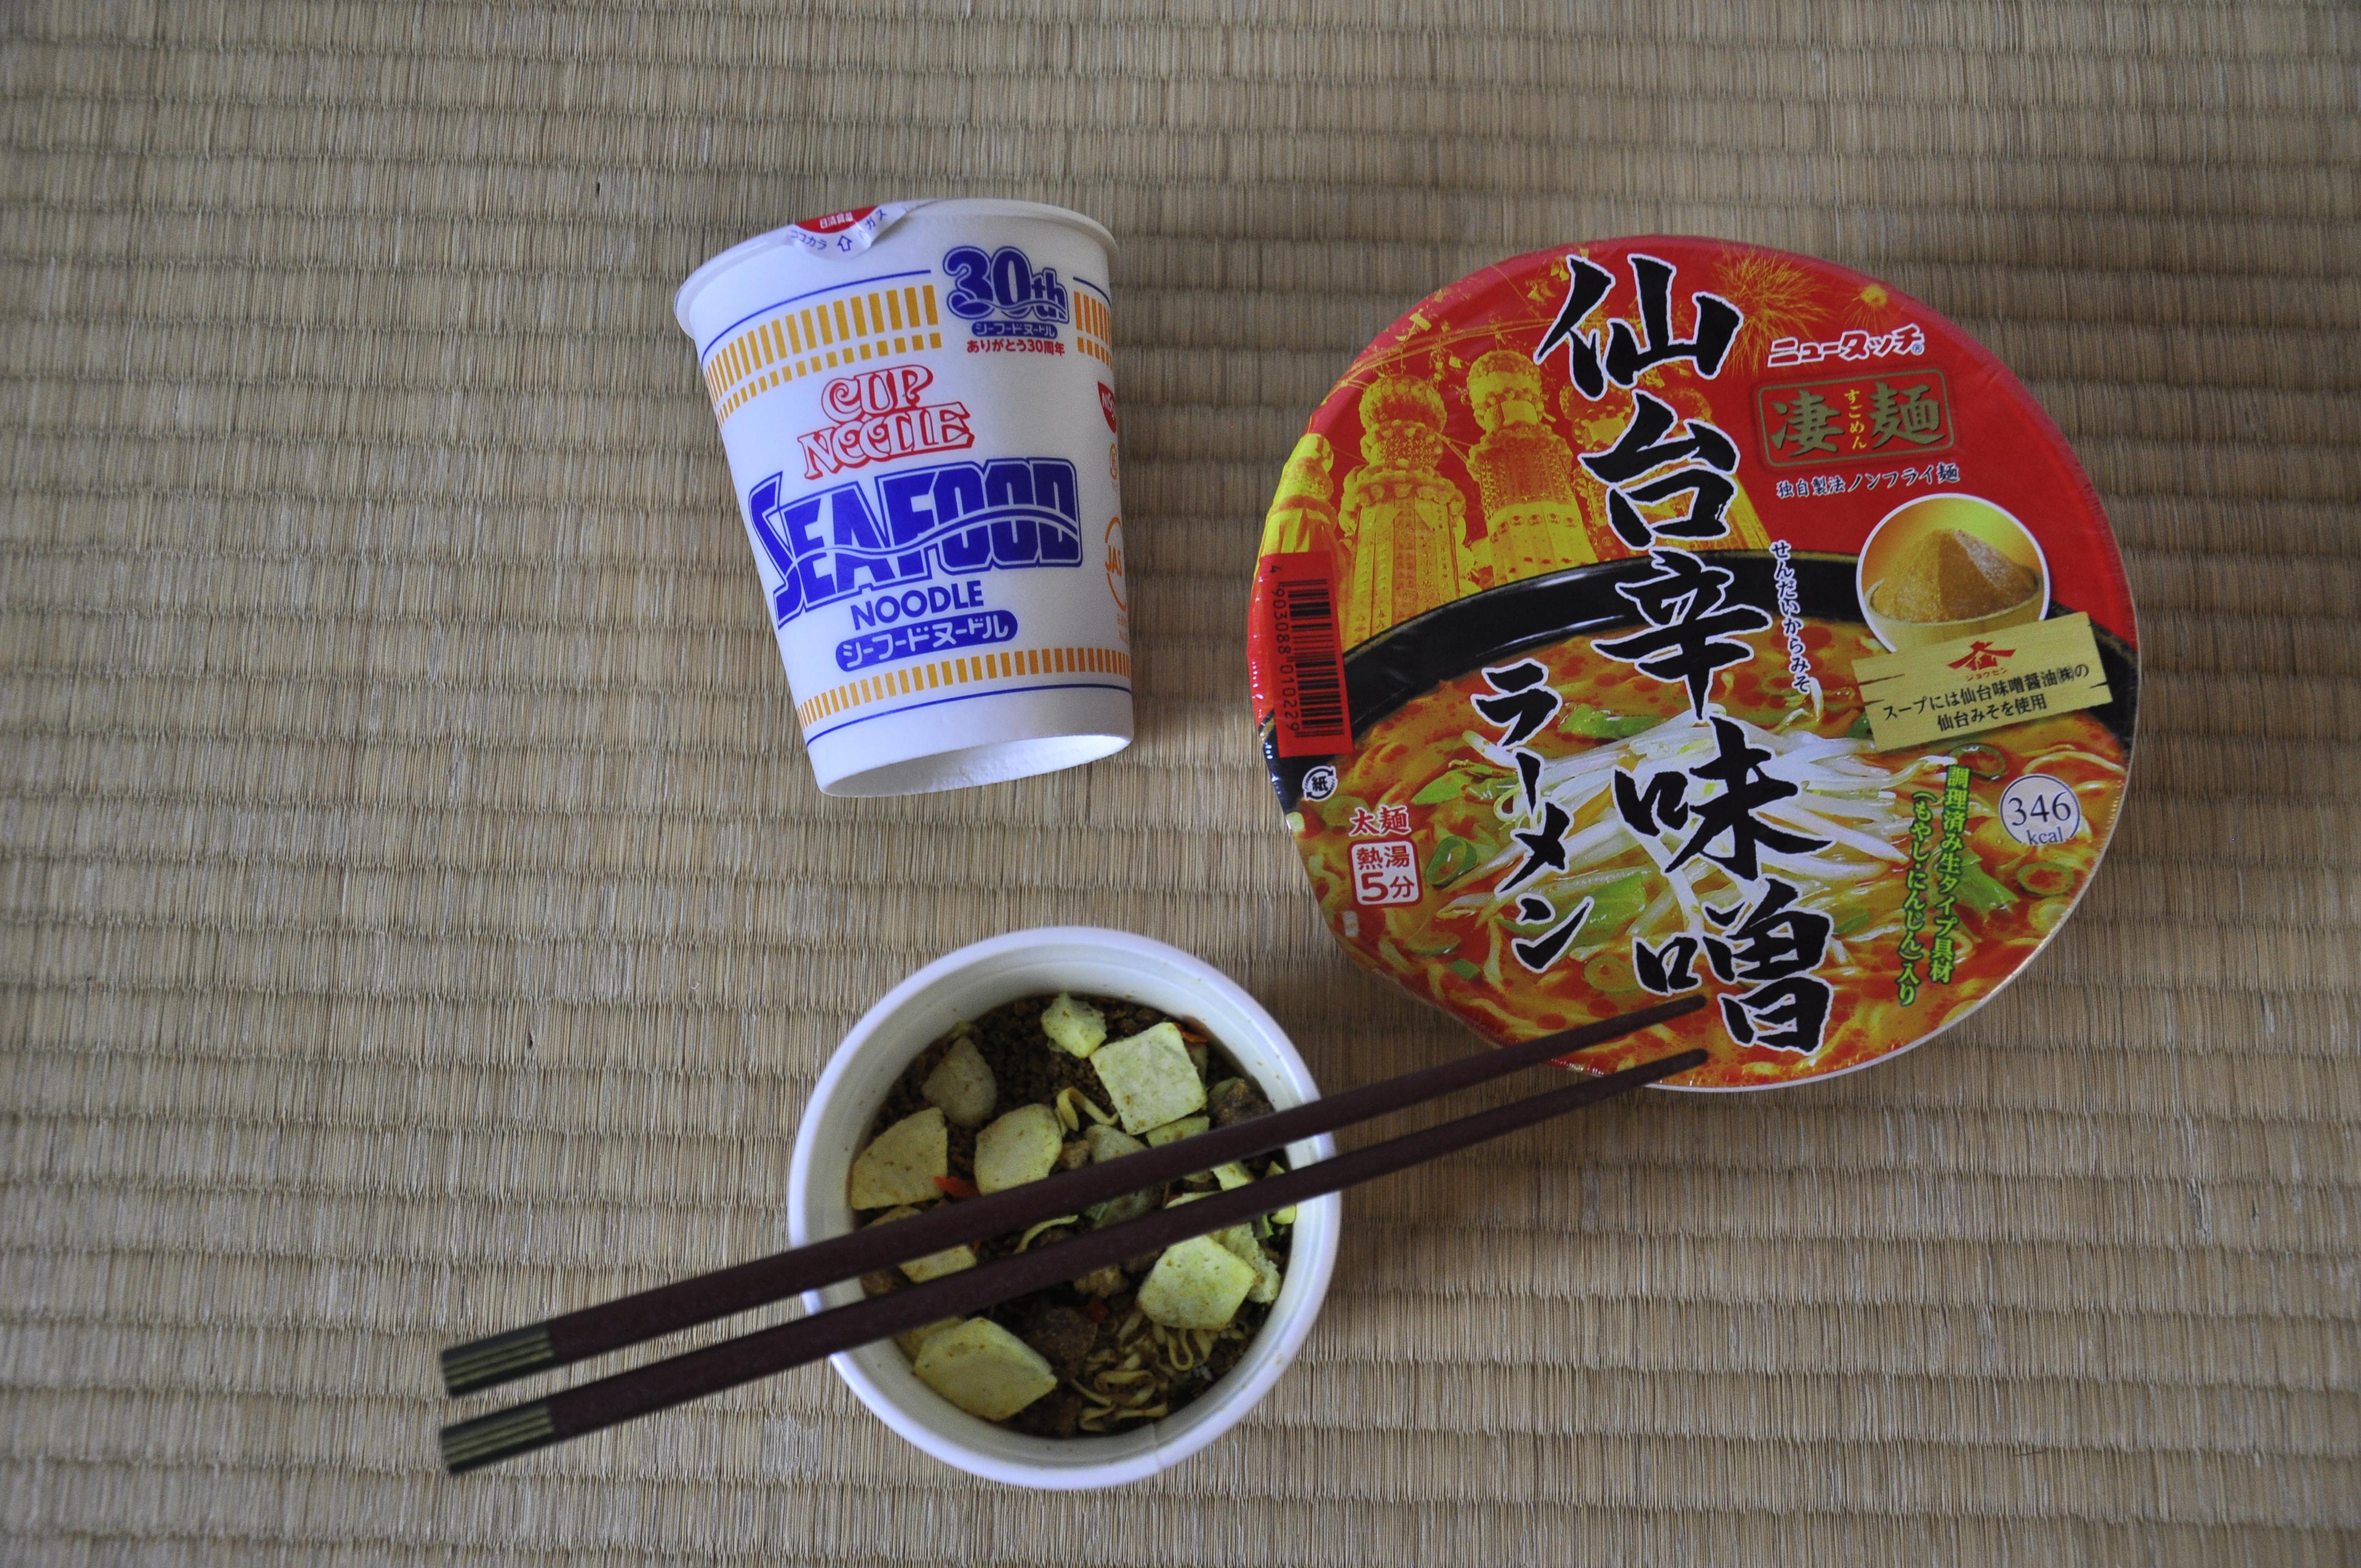 Cup Noodels aus Japan auf Tatami